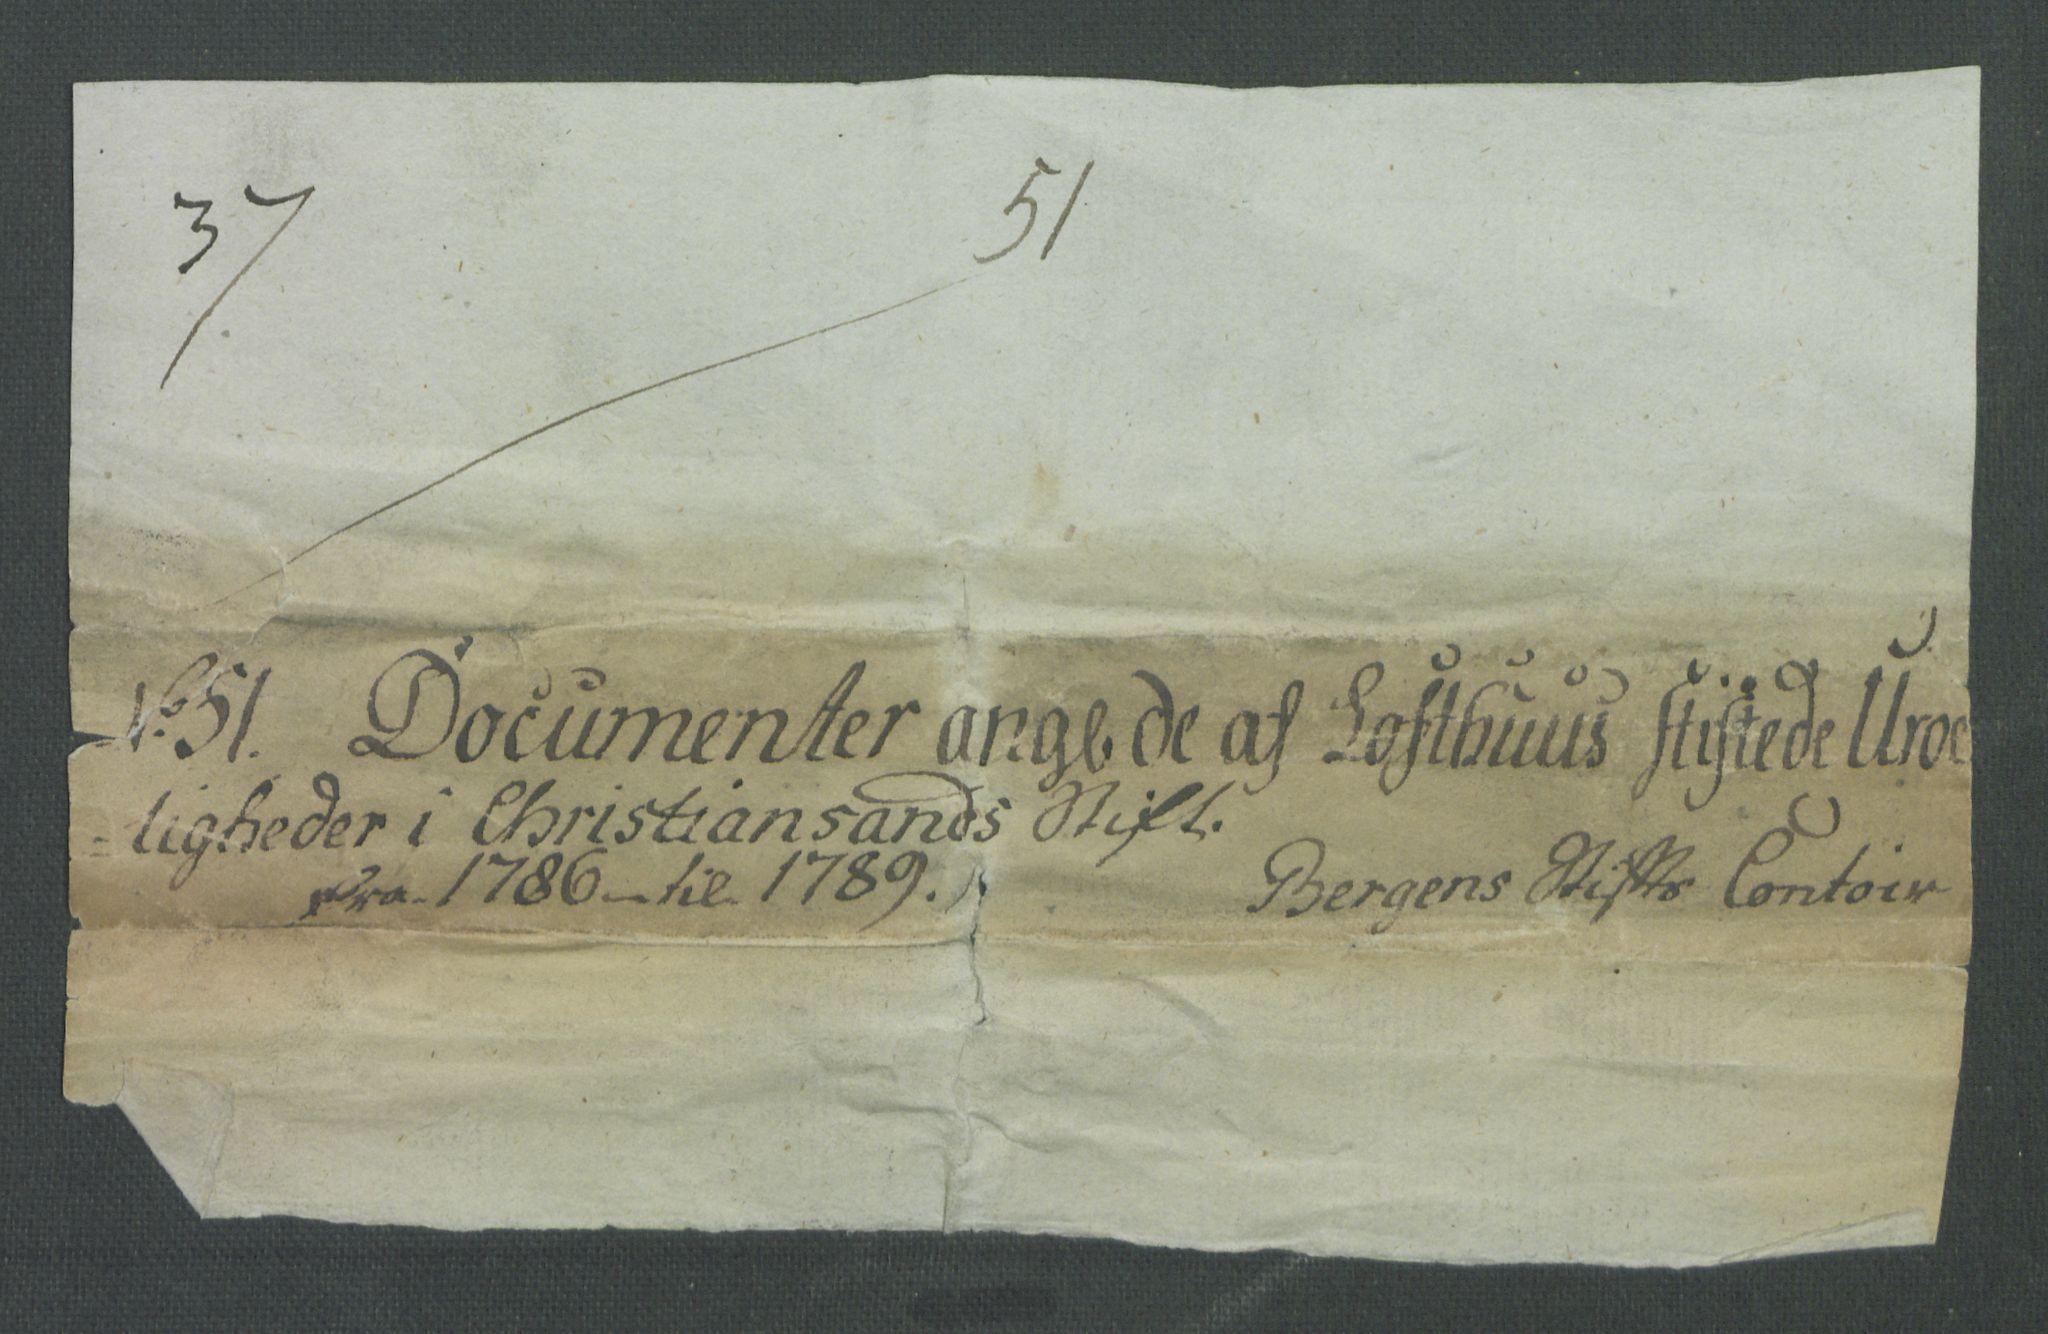 RA, Rentekammeret inntil 1814, Realistisk ordnet avdeling, Od/L0001: Oppløp, 1786-1769, s. 2